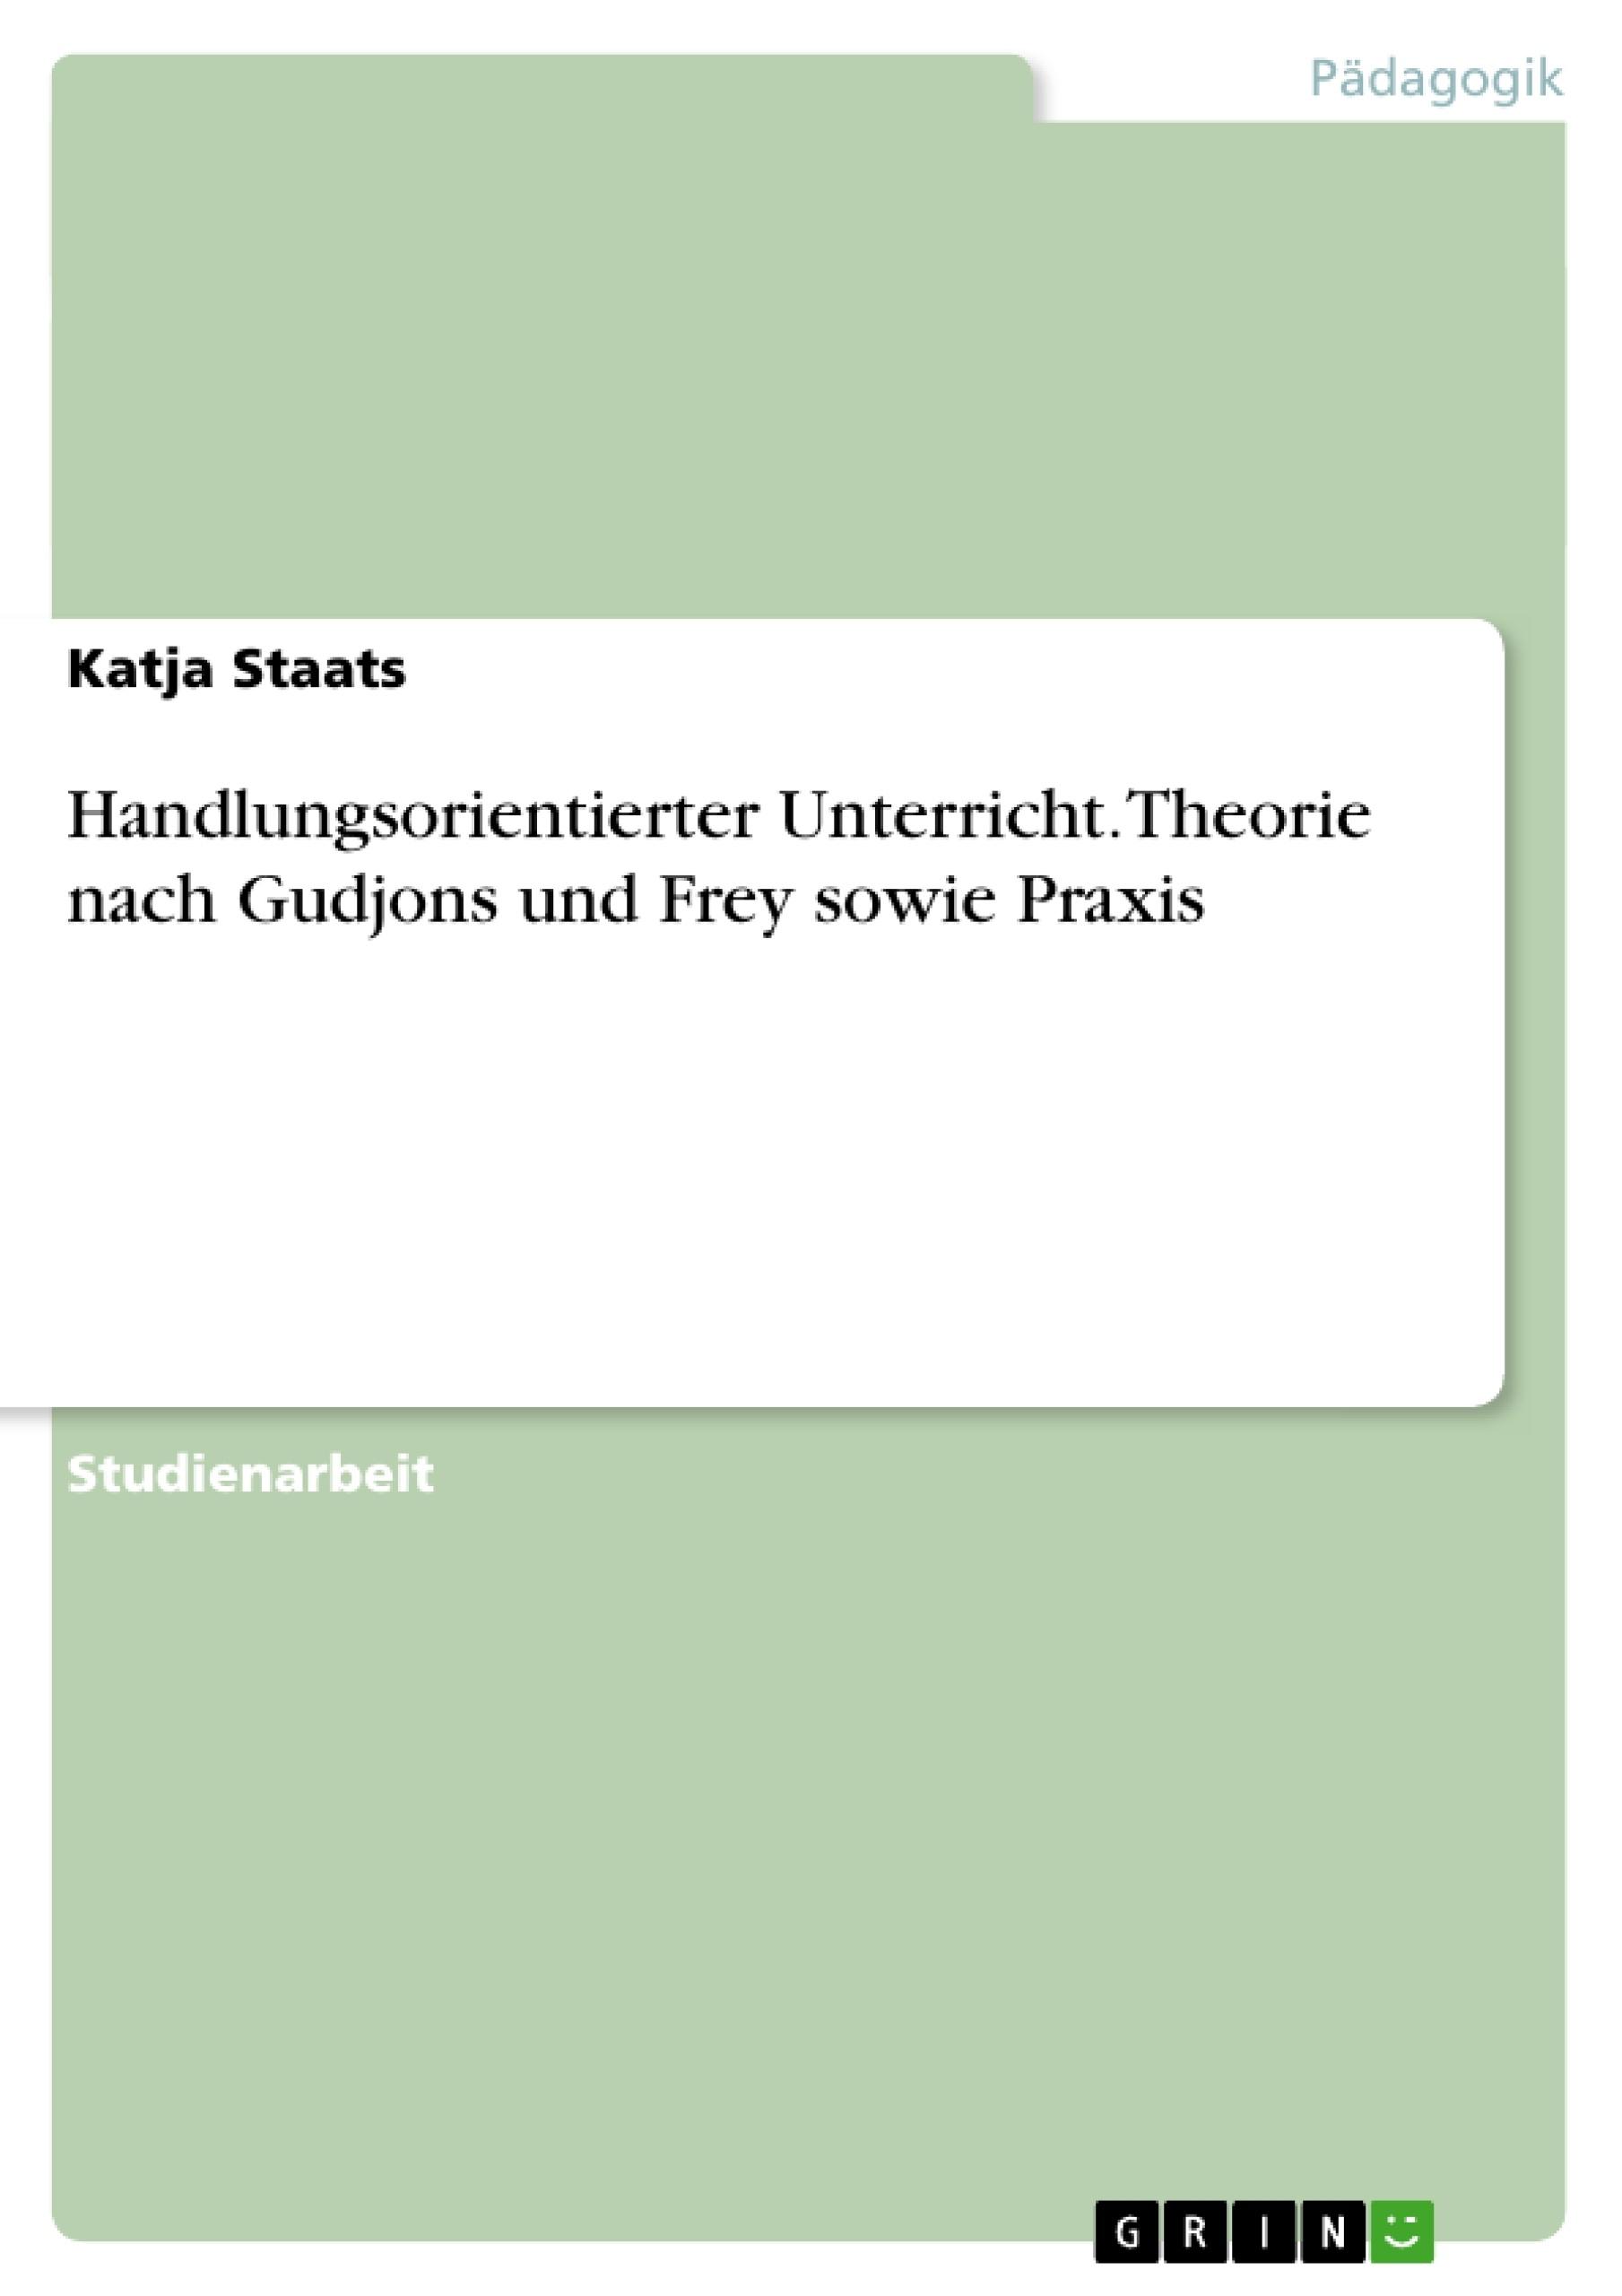 Titel: Handlungsorientierter Unterricht. Theorie nach Gudjons und Frey sowie Praxis